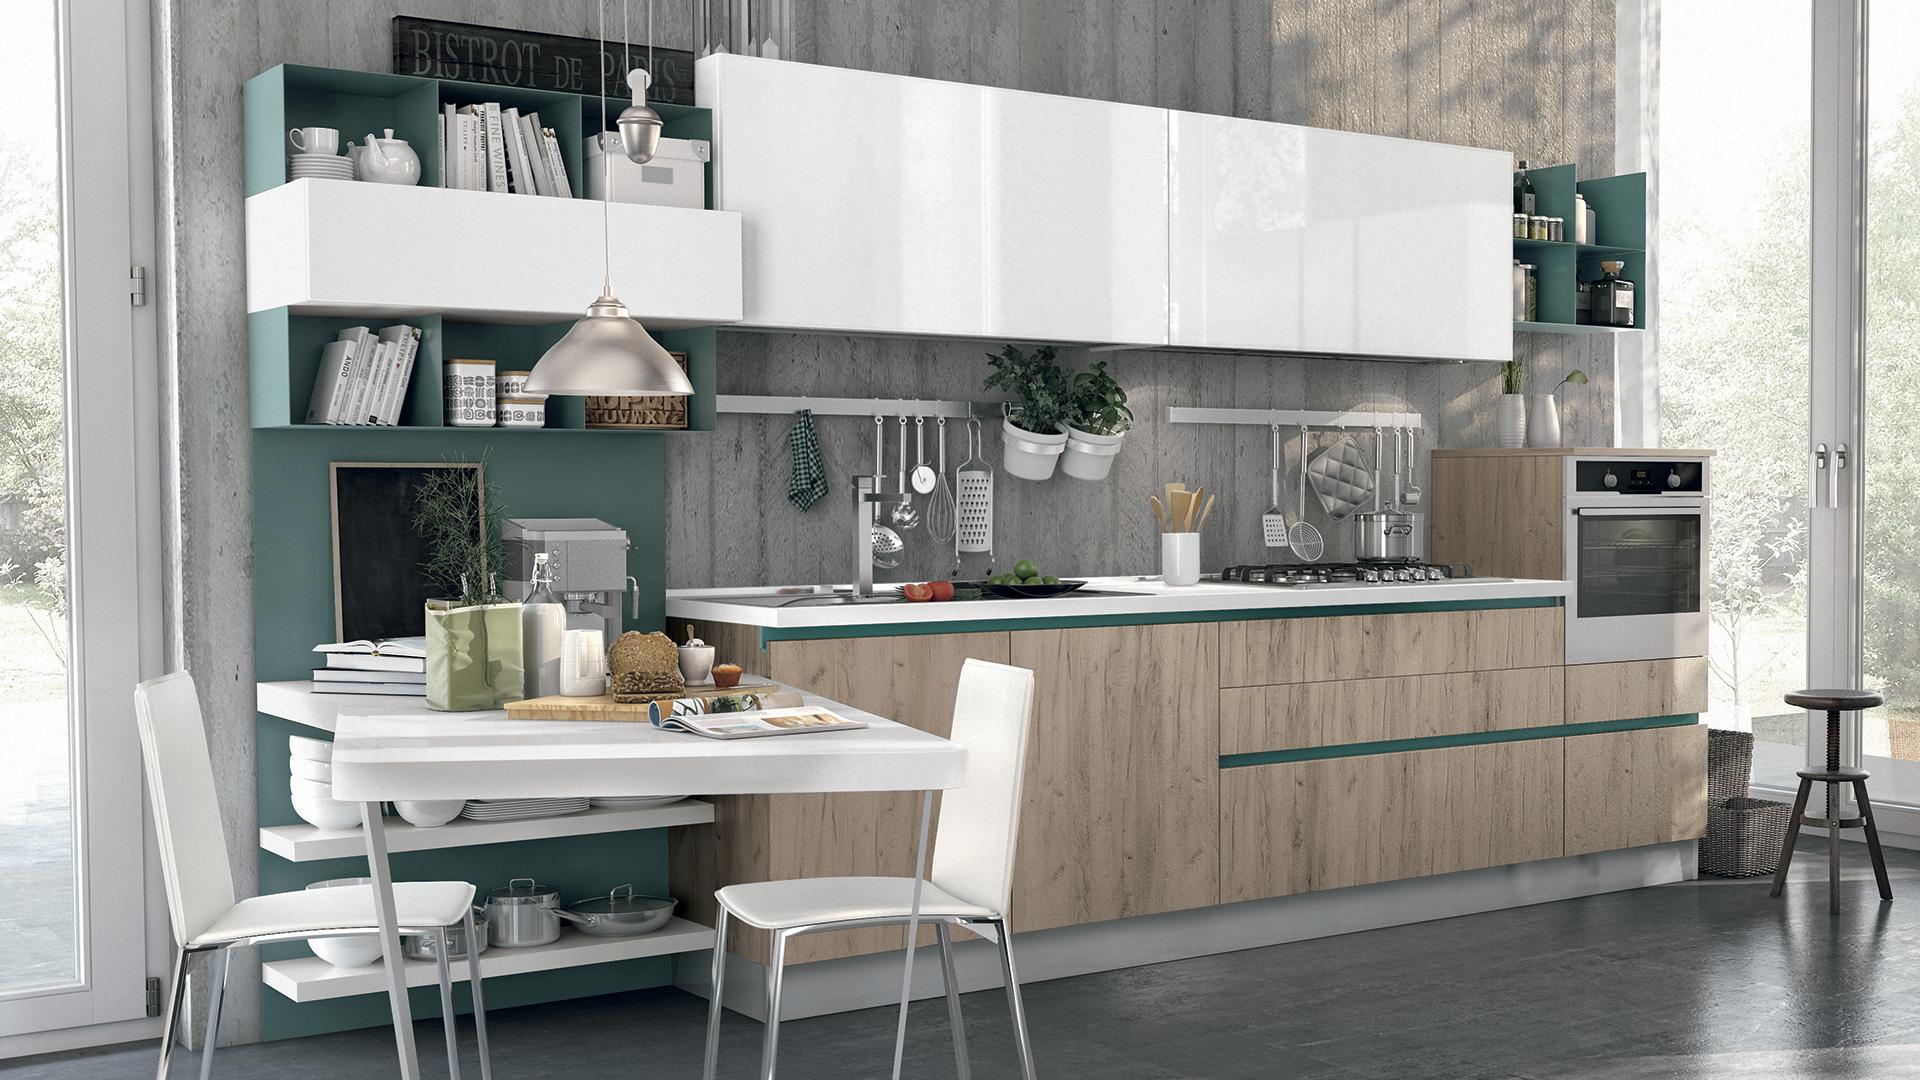 Cucina Moderna Lube Immagina - Arredamenti Lupo